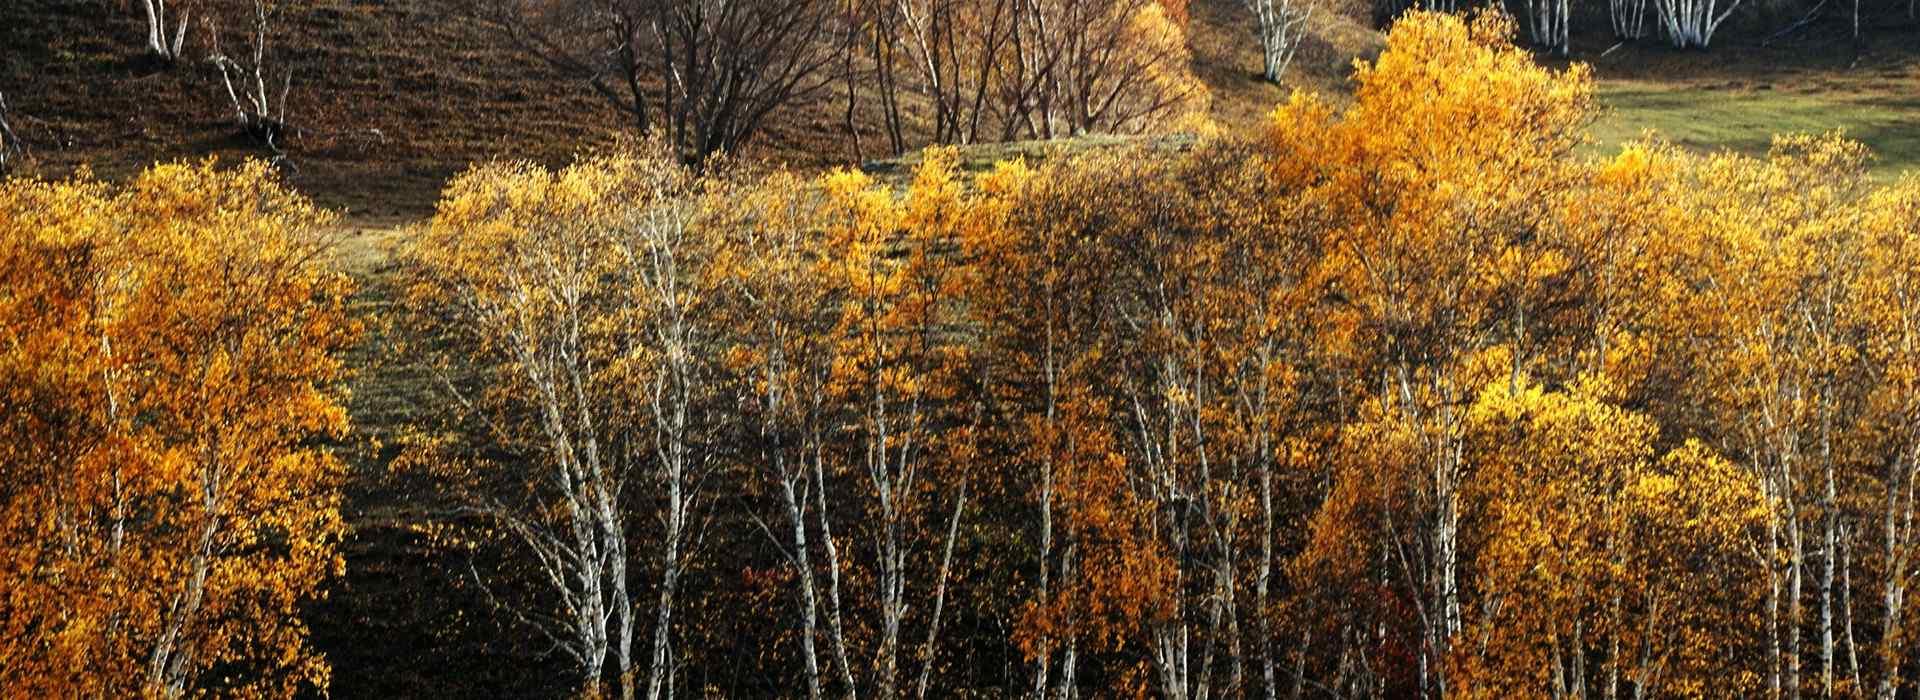 白桦林_白桦树图片_白桦林桌面壁纸_白桦林手机壁纸_白桦林风景壁纸